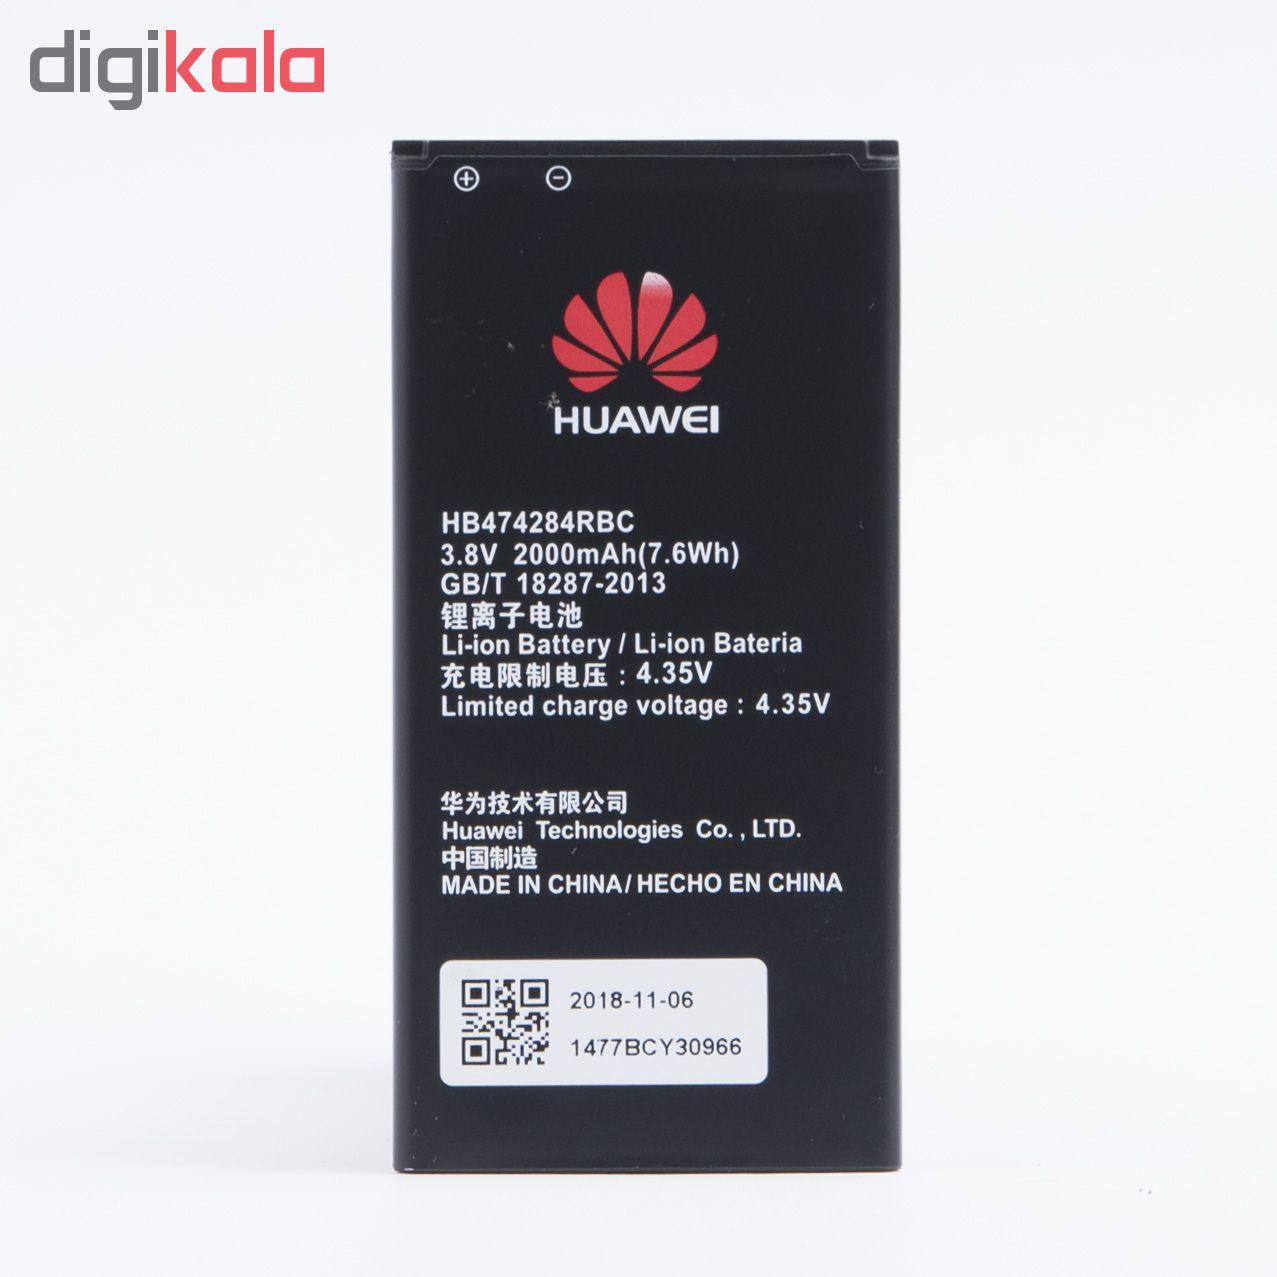 باتری موبایل  مدل HB474284RBC با ظرفیت 2000 میلی آمپر ساعت مناسب برای گوشی موبایل هوآوی 3C Lite              ( قیمت و خرید)